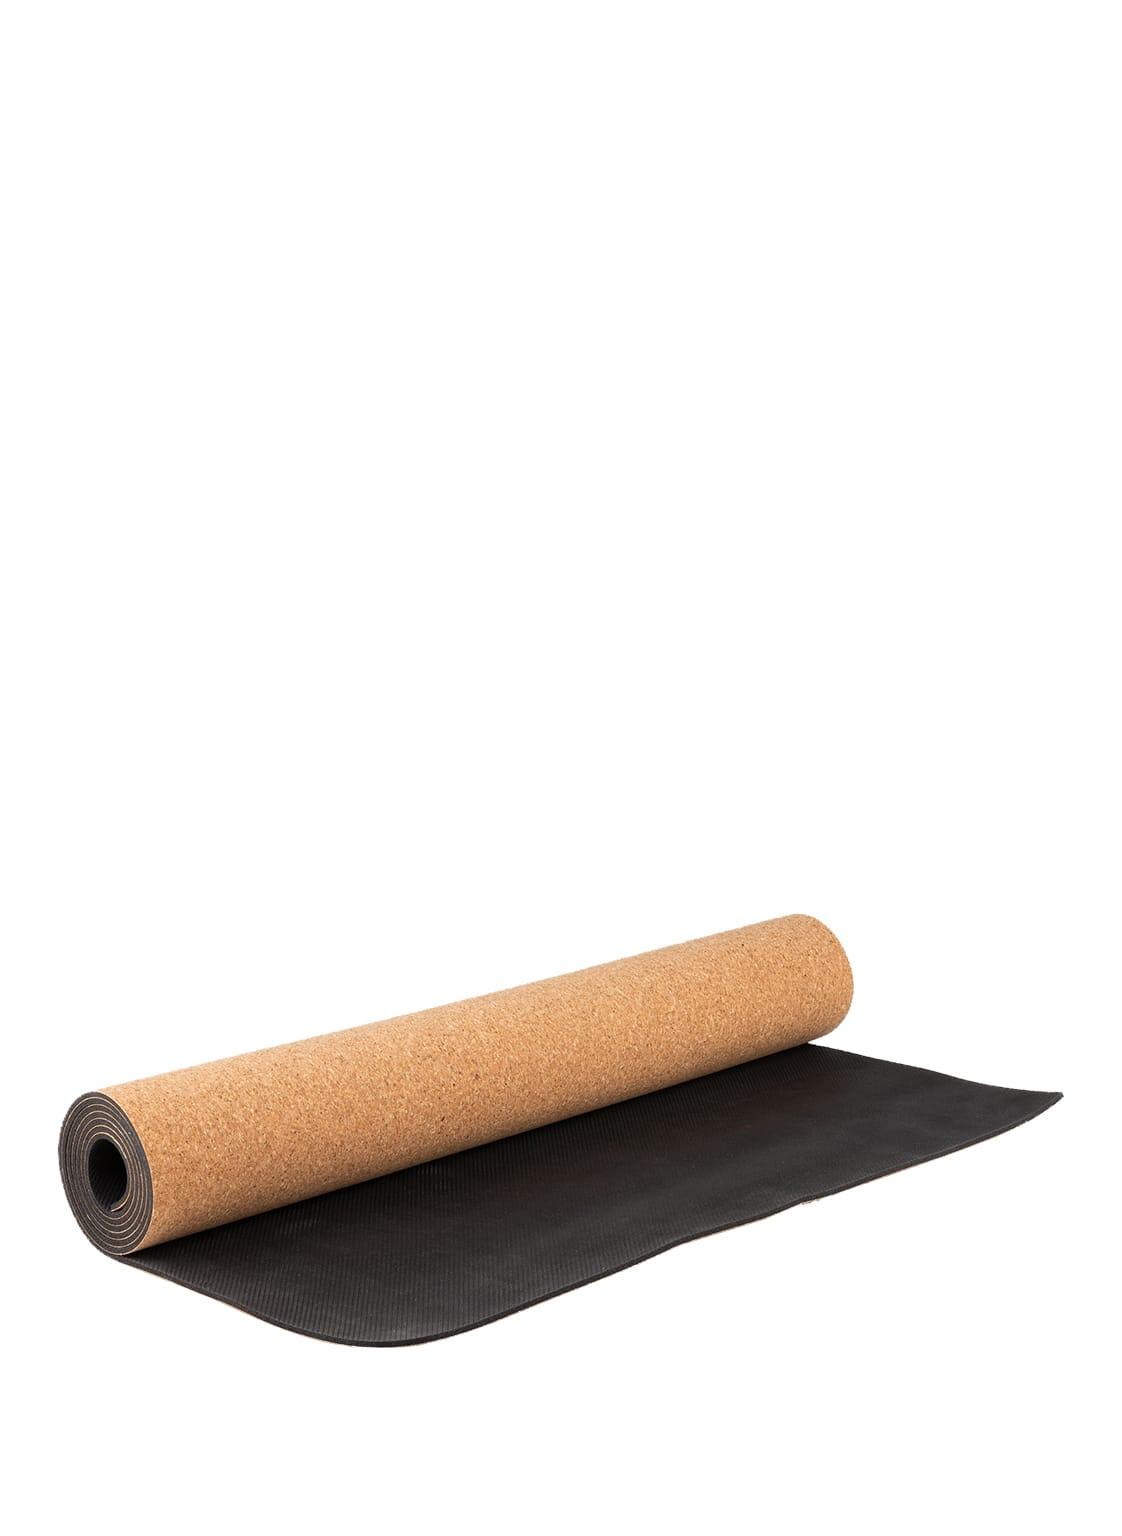 Image of B Yoga Yogamatte beige